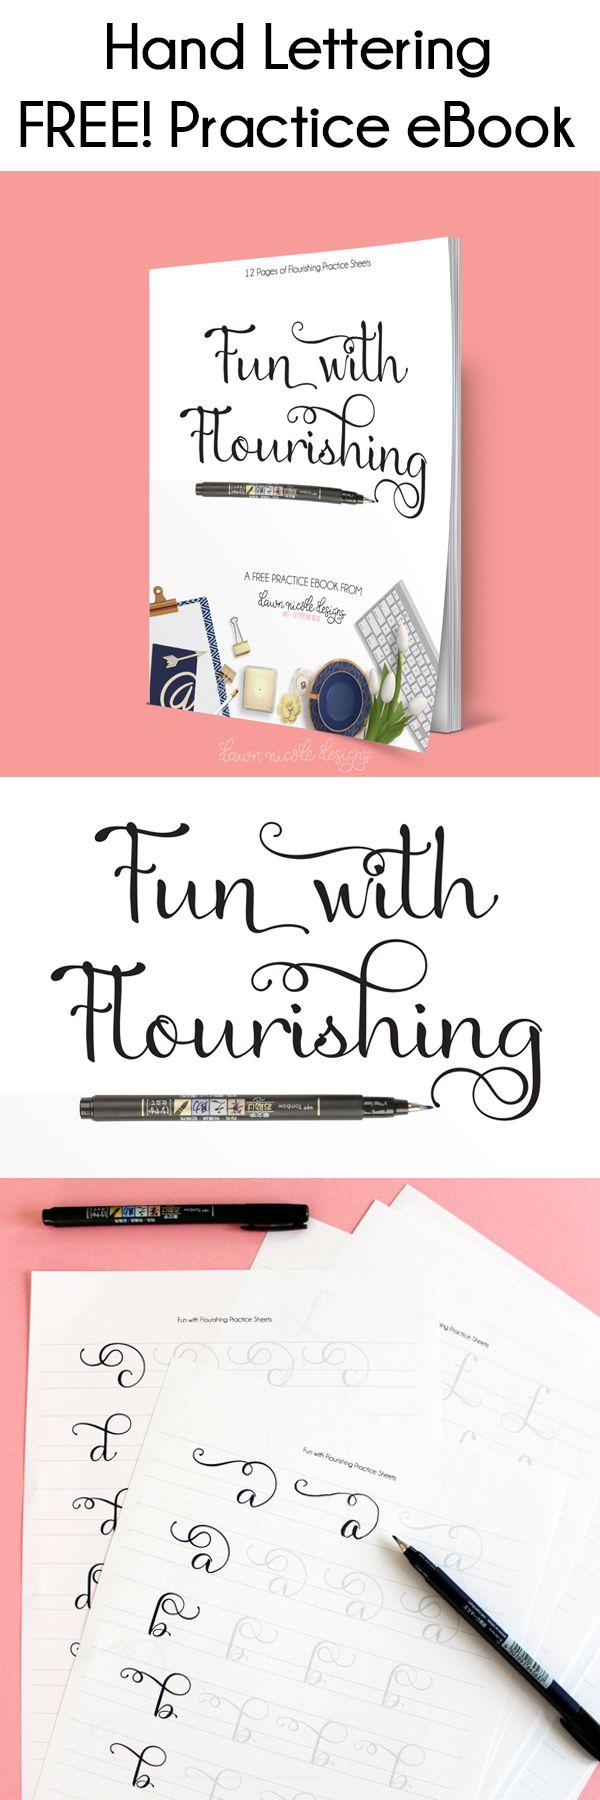 Diversión con Floreciente: Free Hand letras Práctica de libros electrónicos.  Trabajar en sus adornos con los doce páginas de hojas de práctica en este libro electrónico gratis!